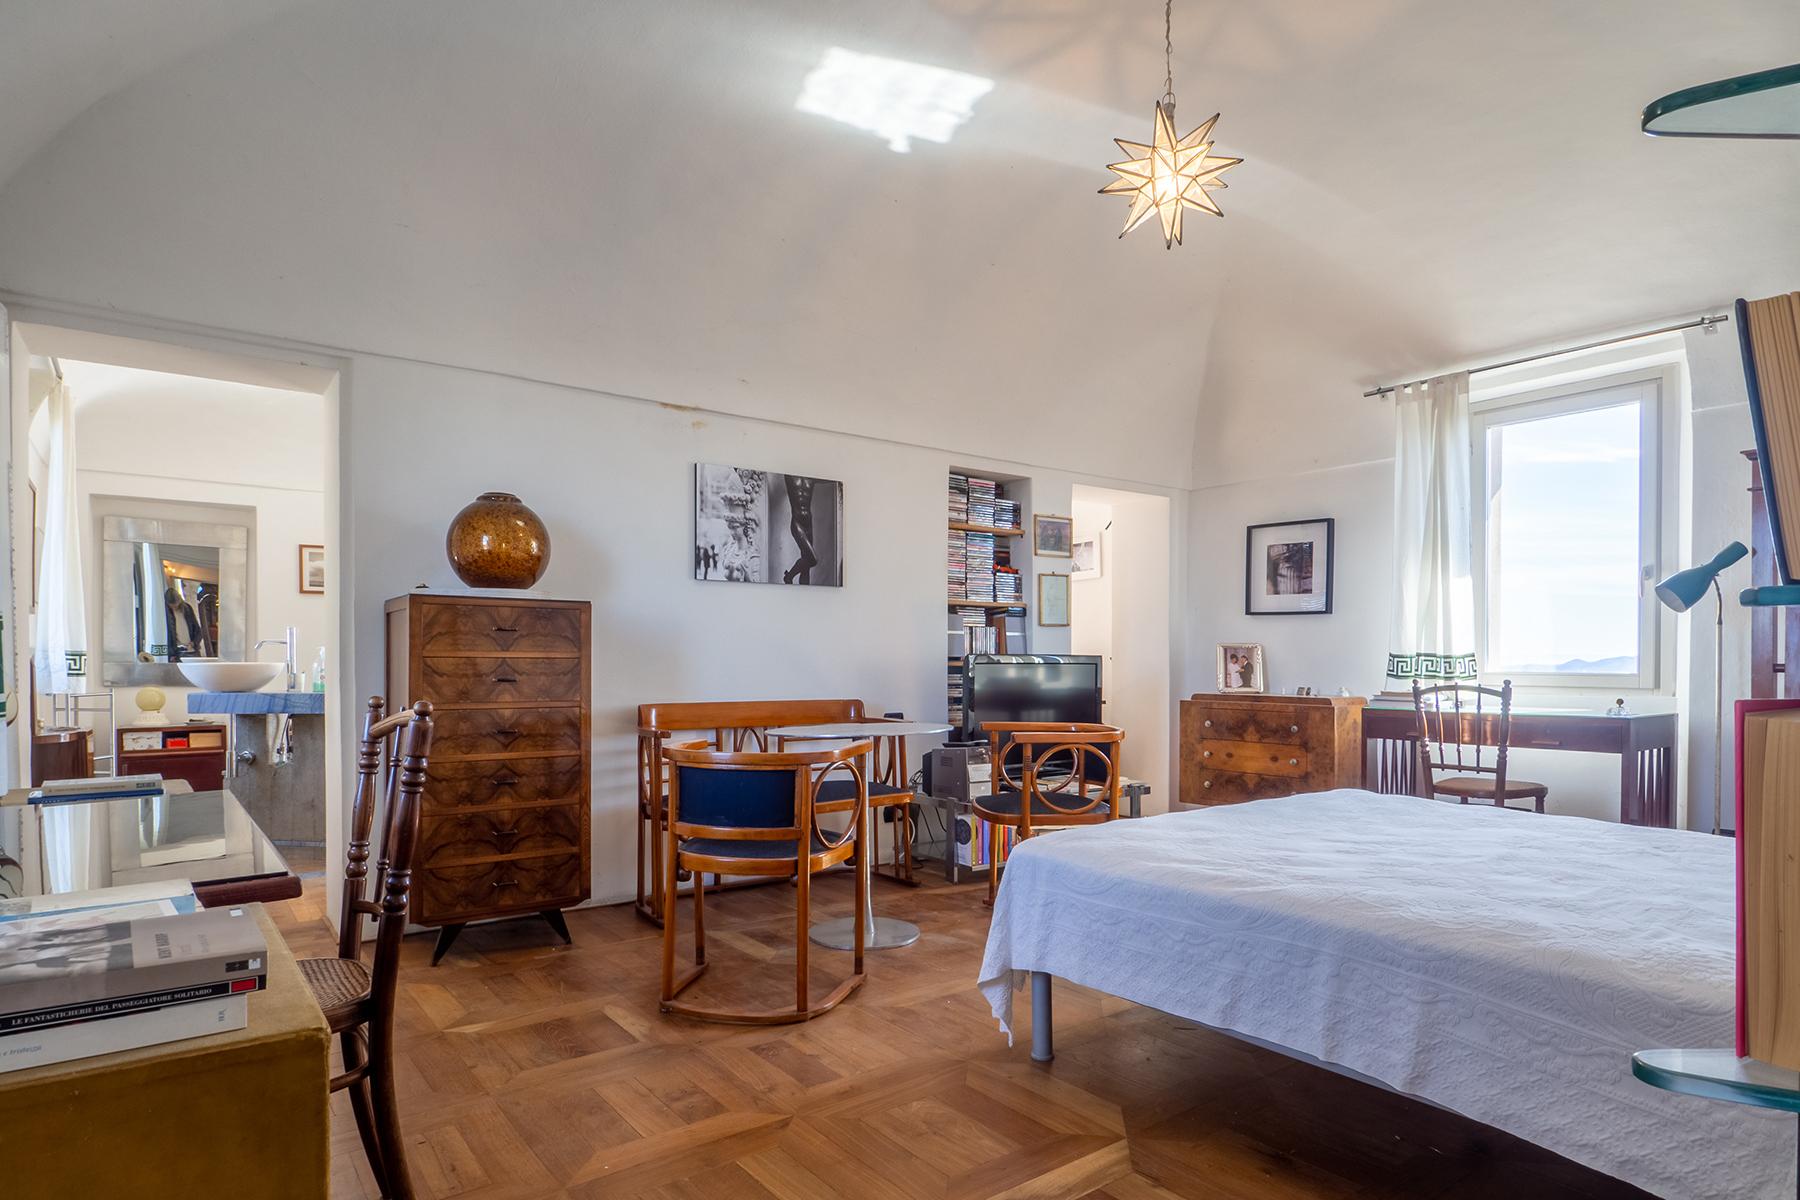 Casa indipendente in Vendita a Moncestino: 5 locali, 300 mq - Foto 9